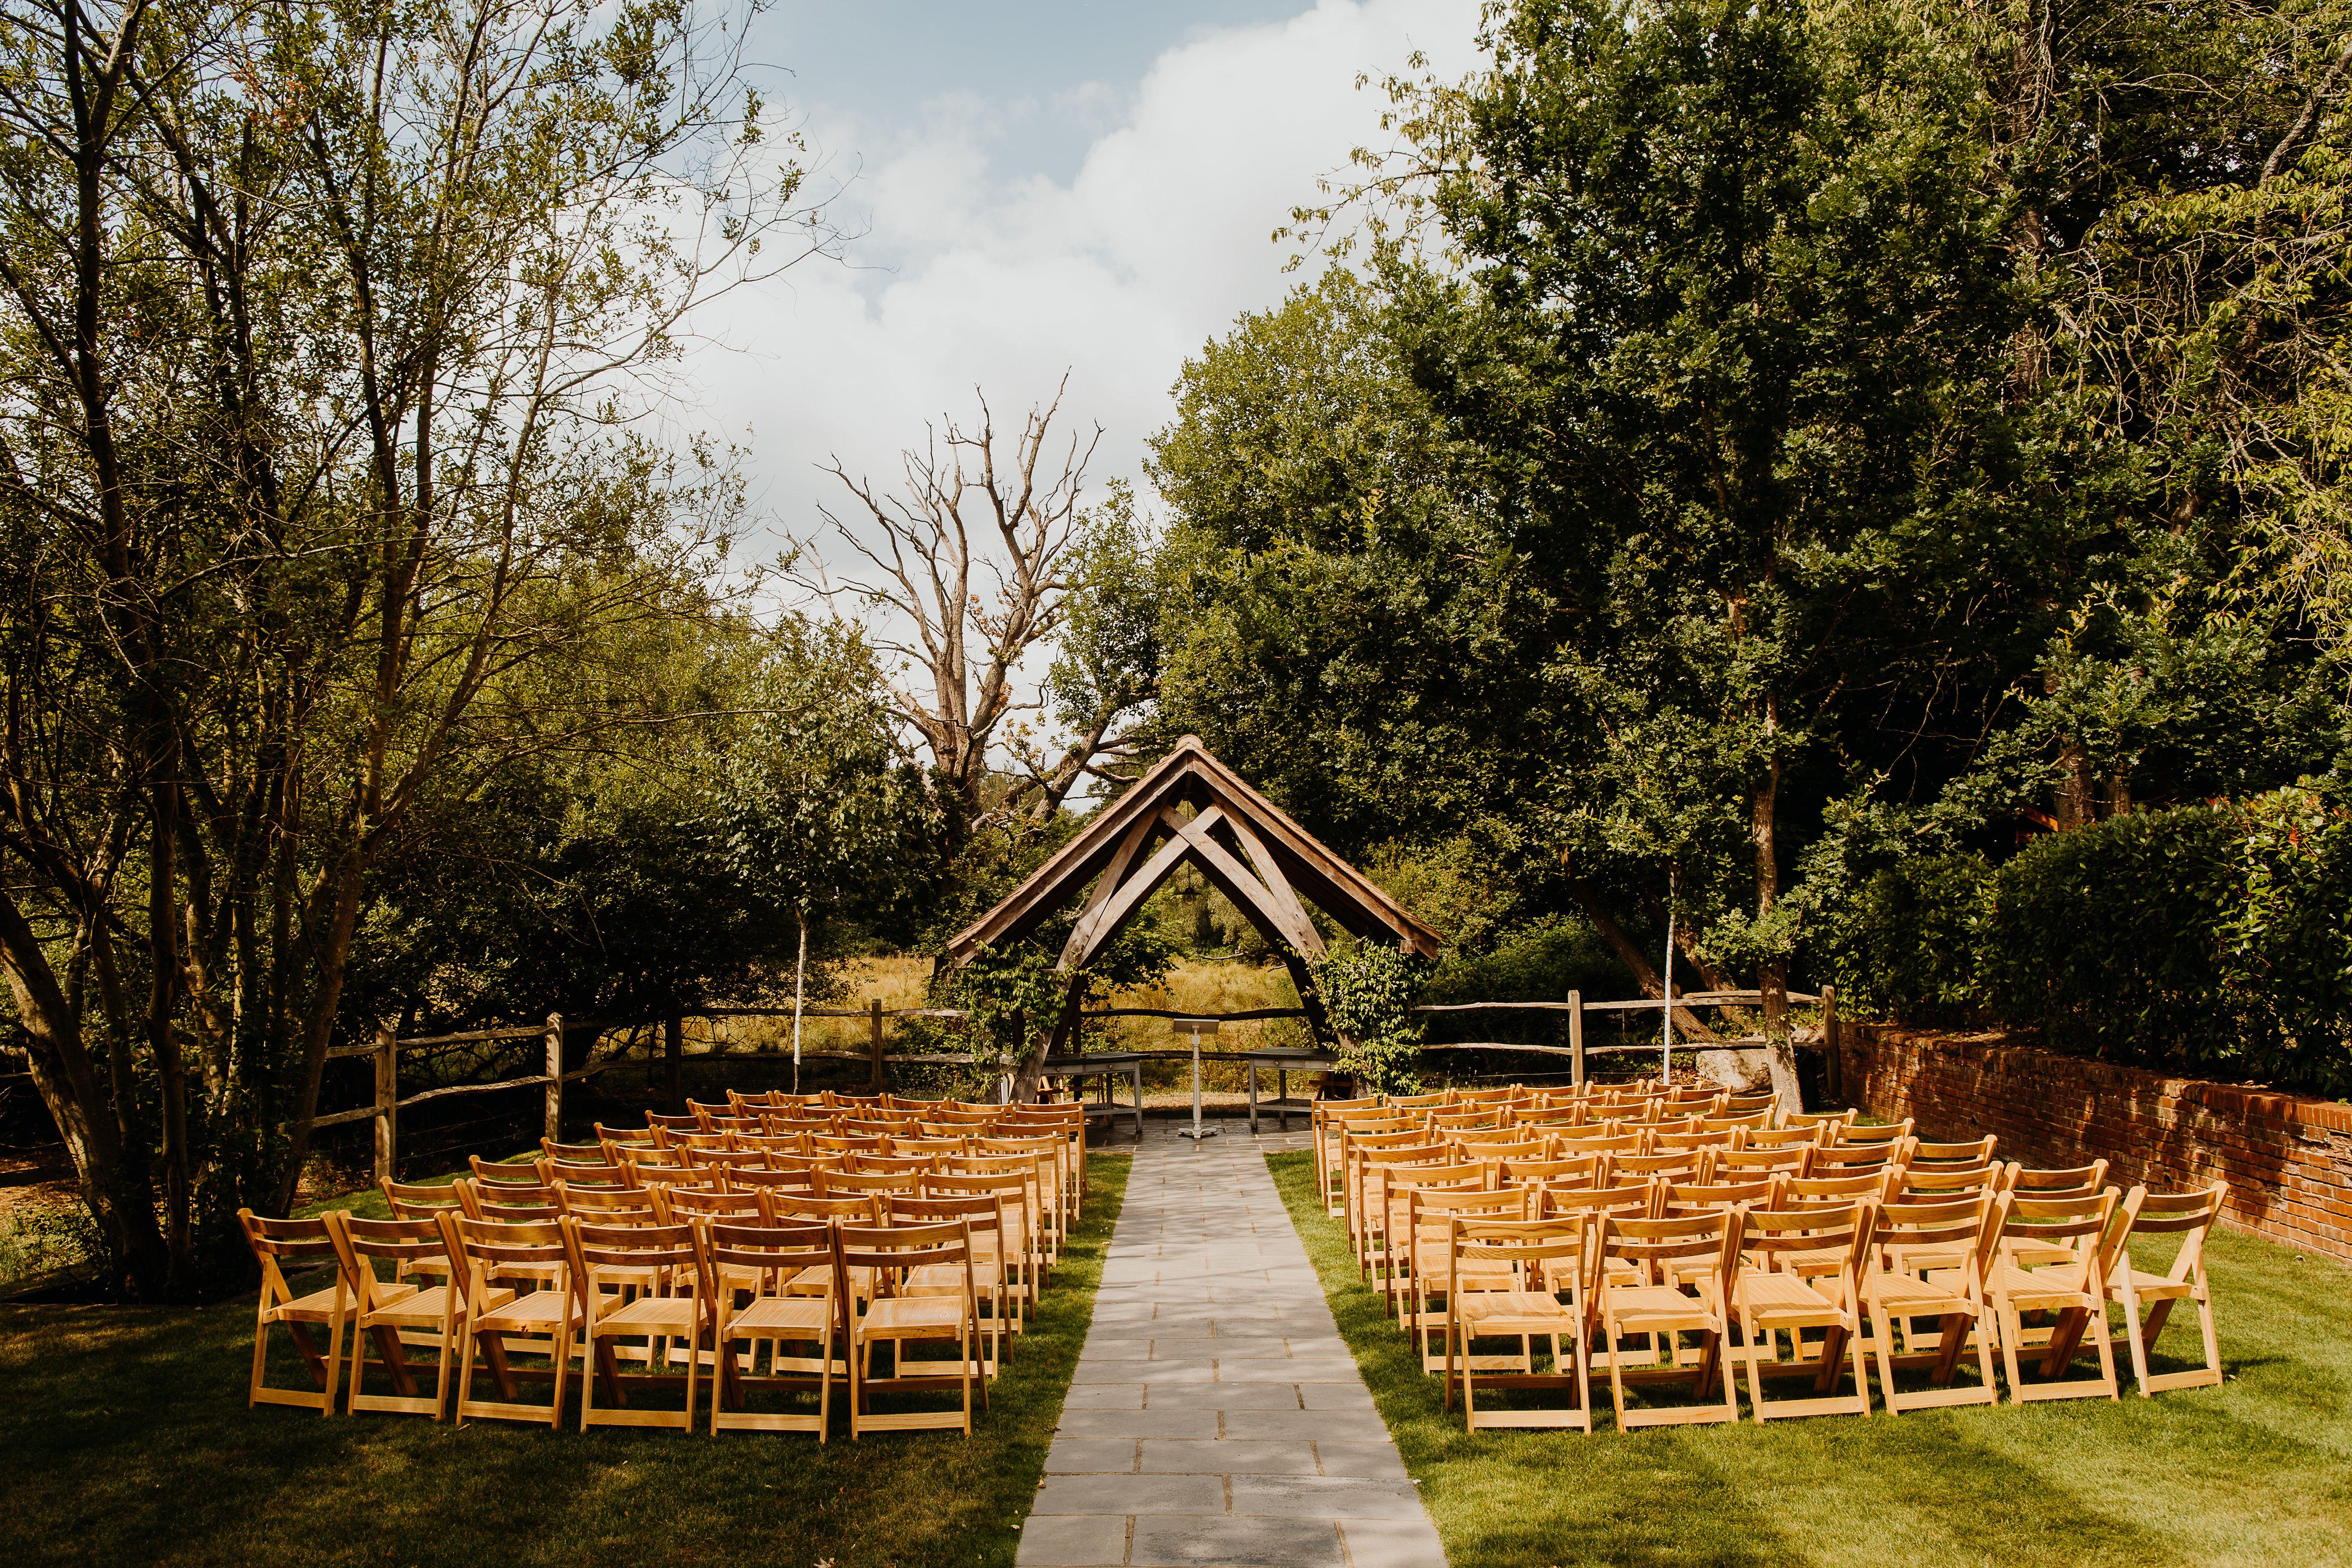 Countryside Outdoor Wedding Ceremony Surrey Uk At Barn Wedding Venue Millbridge Court Rustic Wedding Venues Surrey Rustic Summer Wedding Barn Wedding Venue